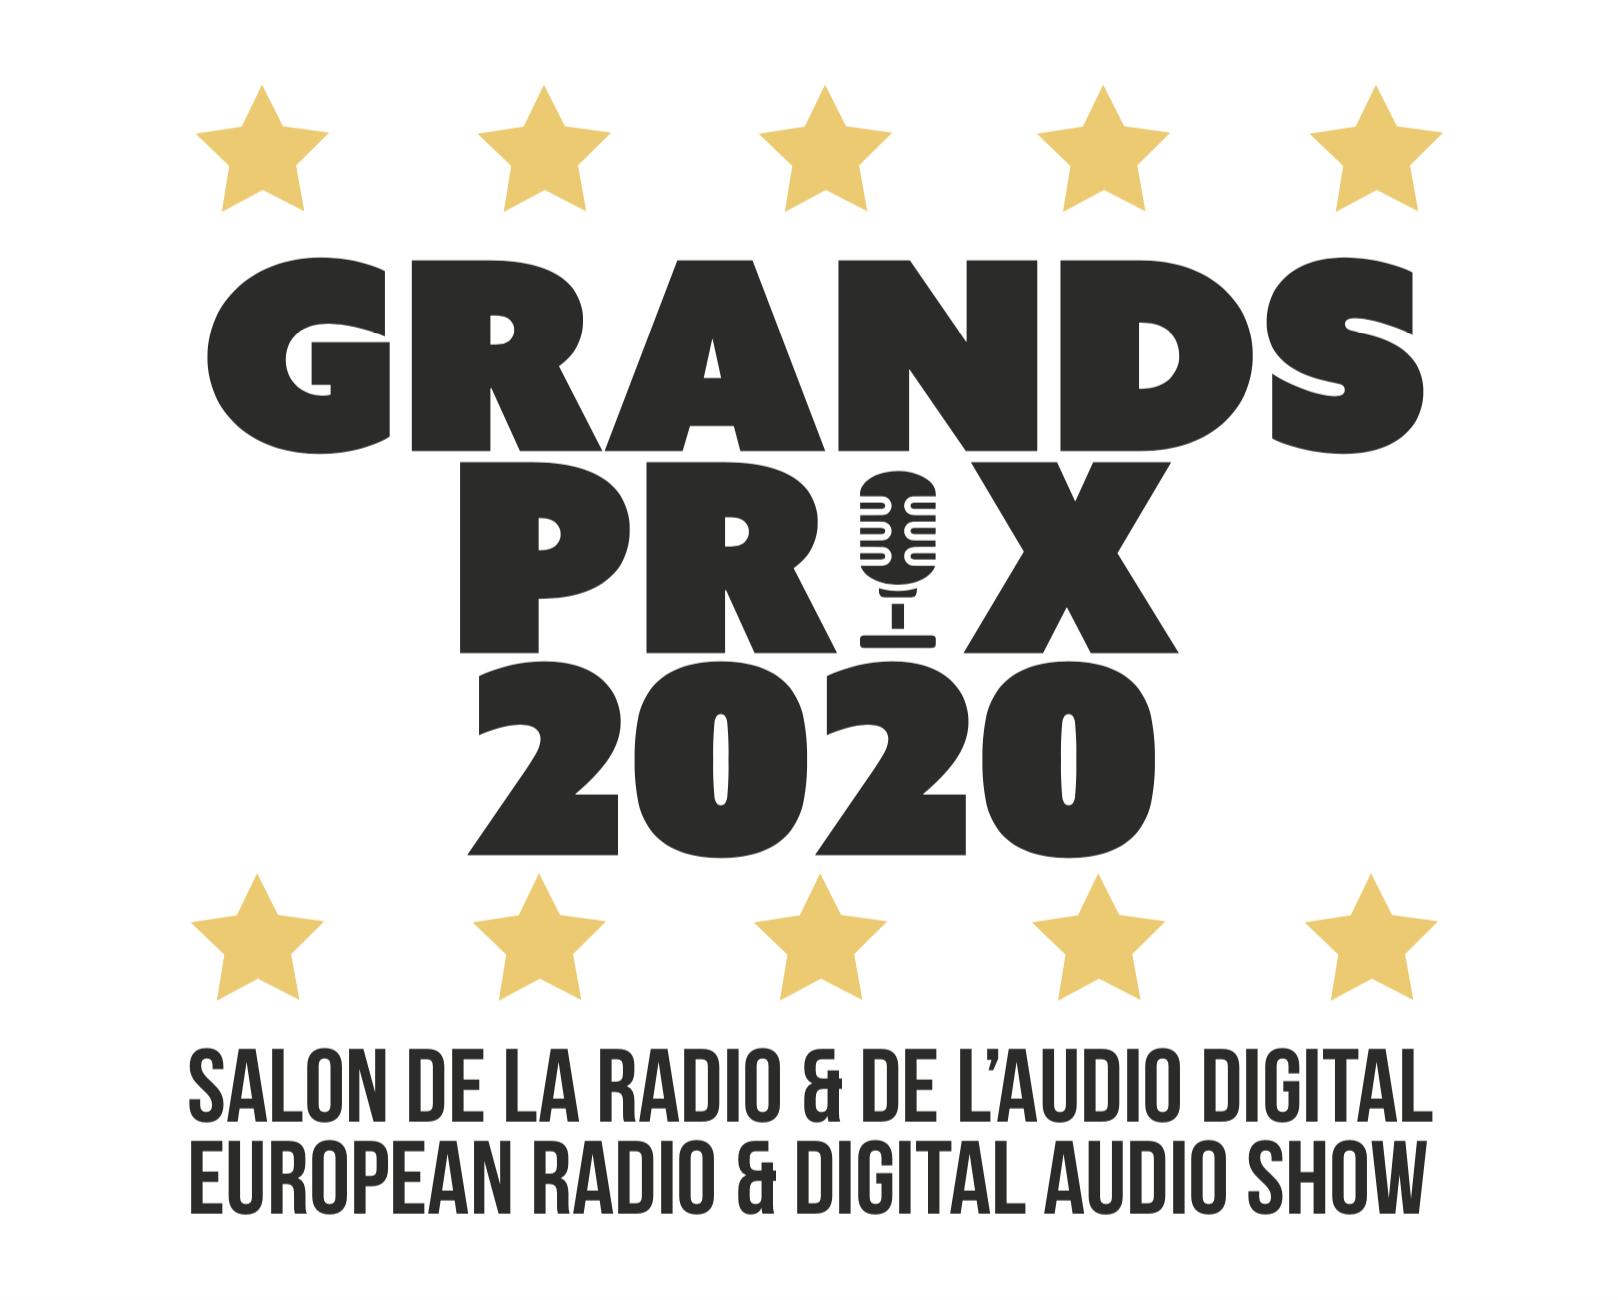 Les finalistes des 5 GRANDS PRIX PUB RADIO 2020 sont…